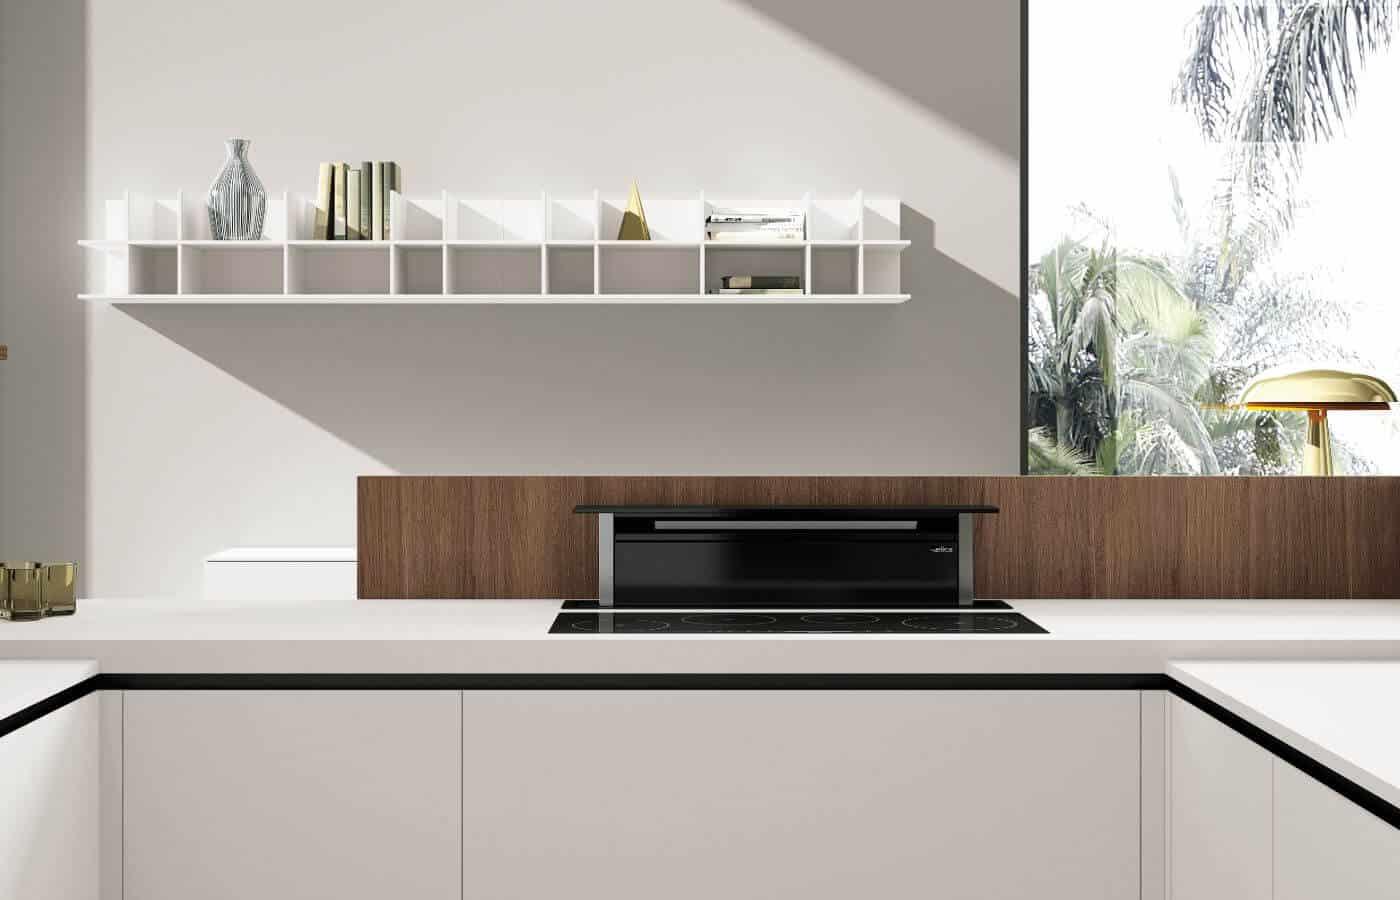 cucina-cappa-elica-integrata-top-collezione-chic-il-mobile